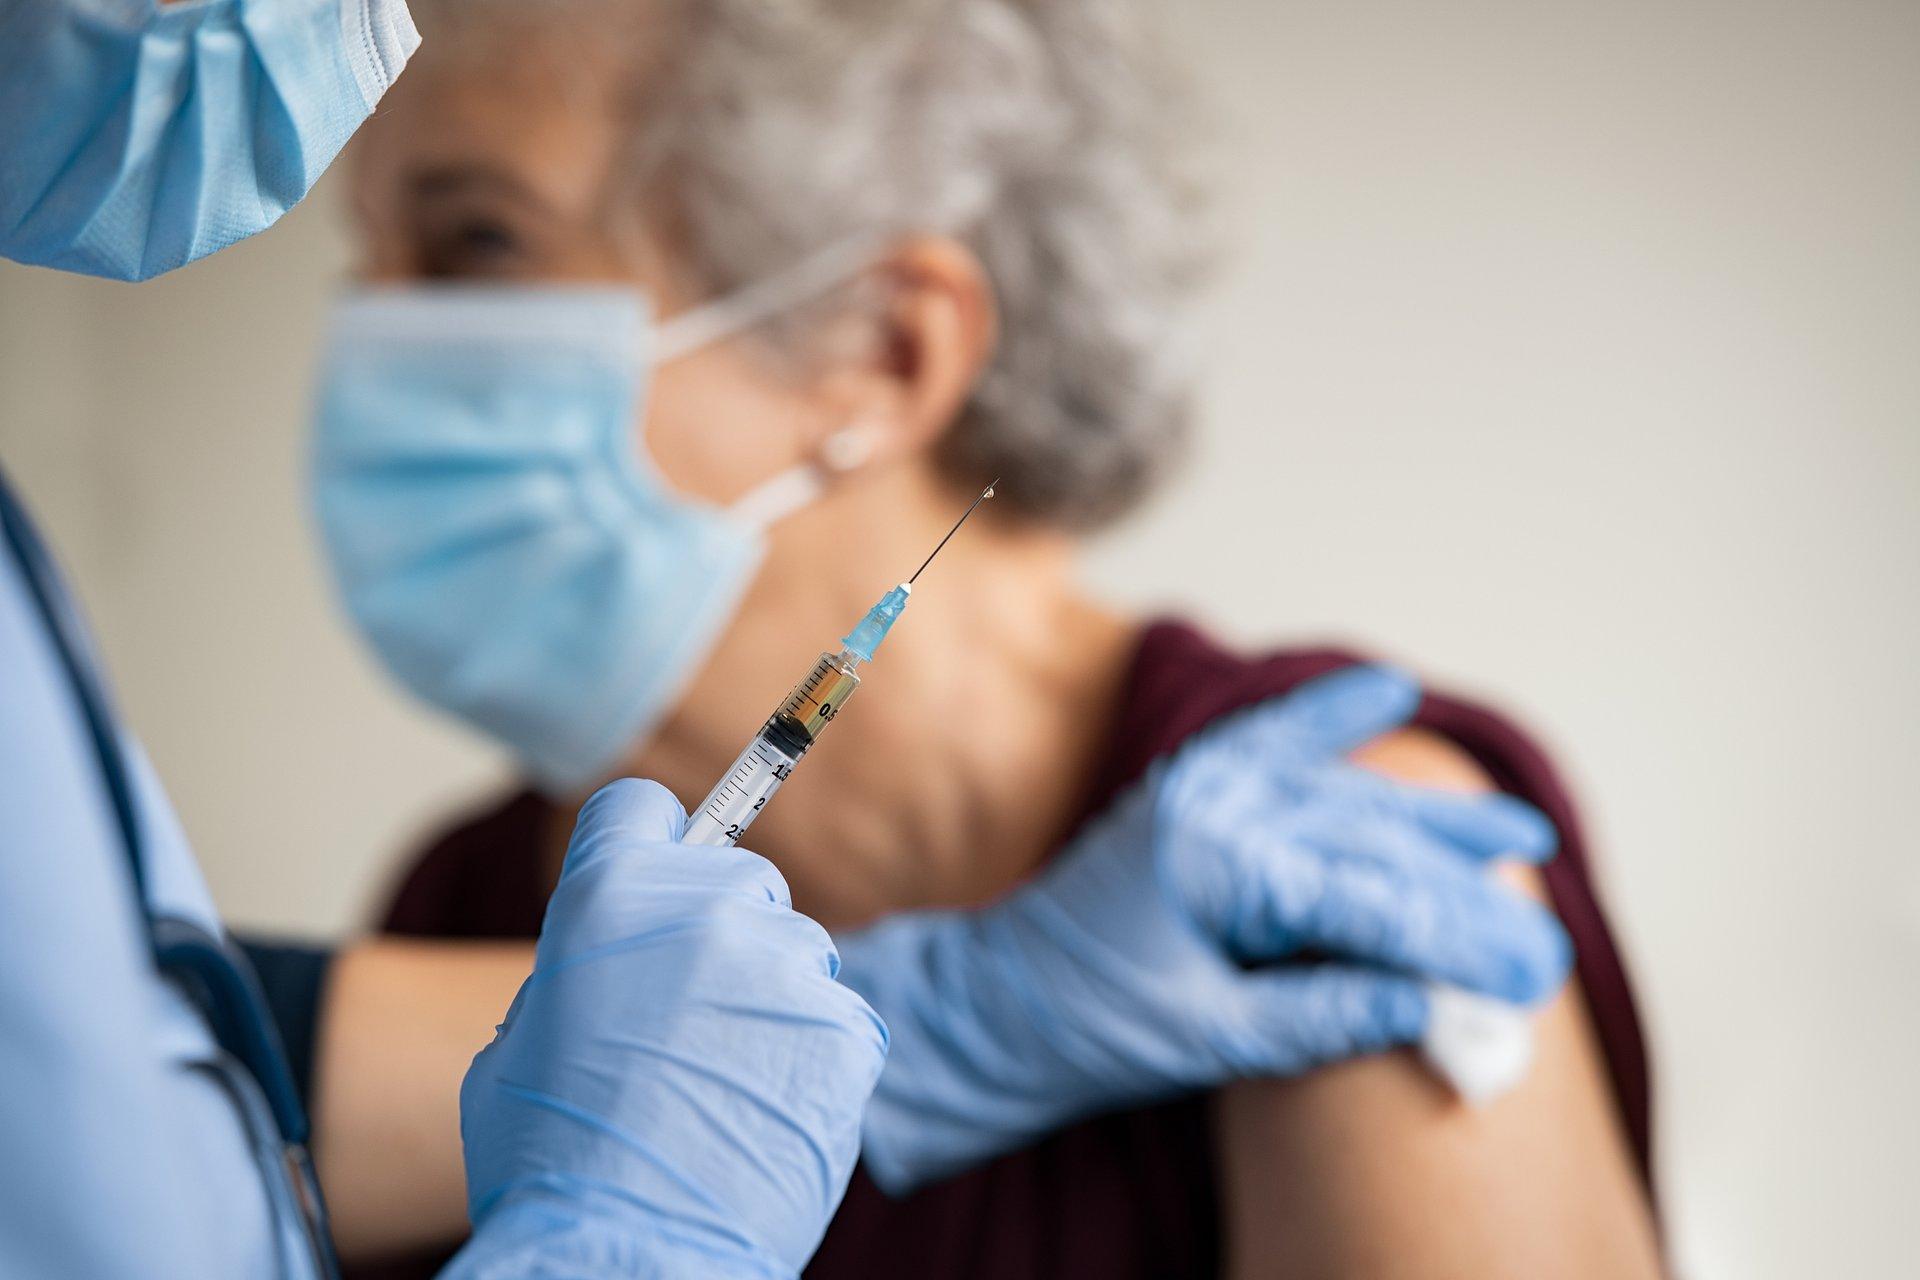 Szkolenia z wykonywania szczepień. Informacja dotycząca naboru